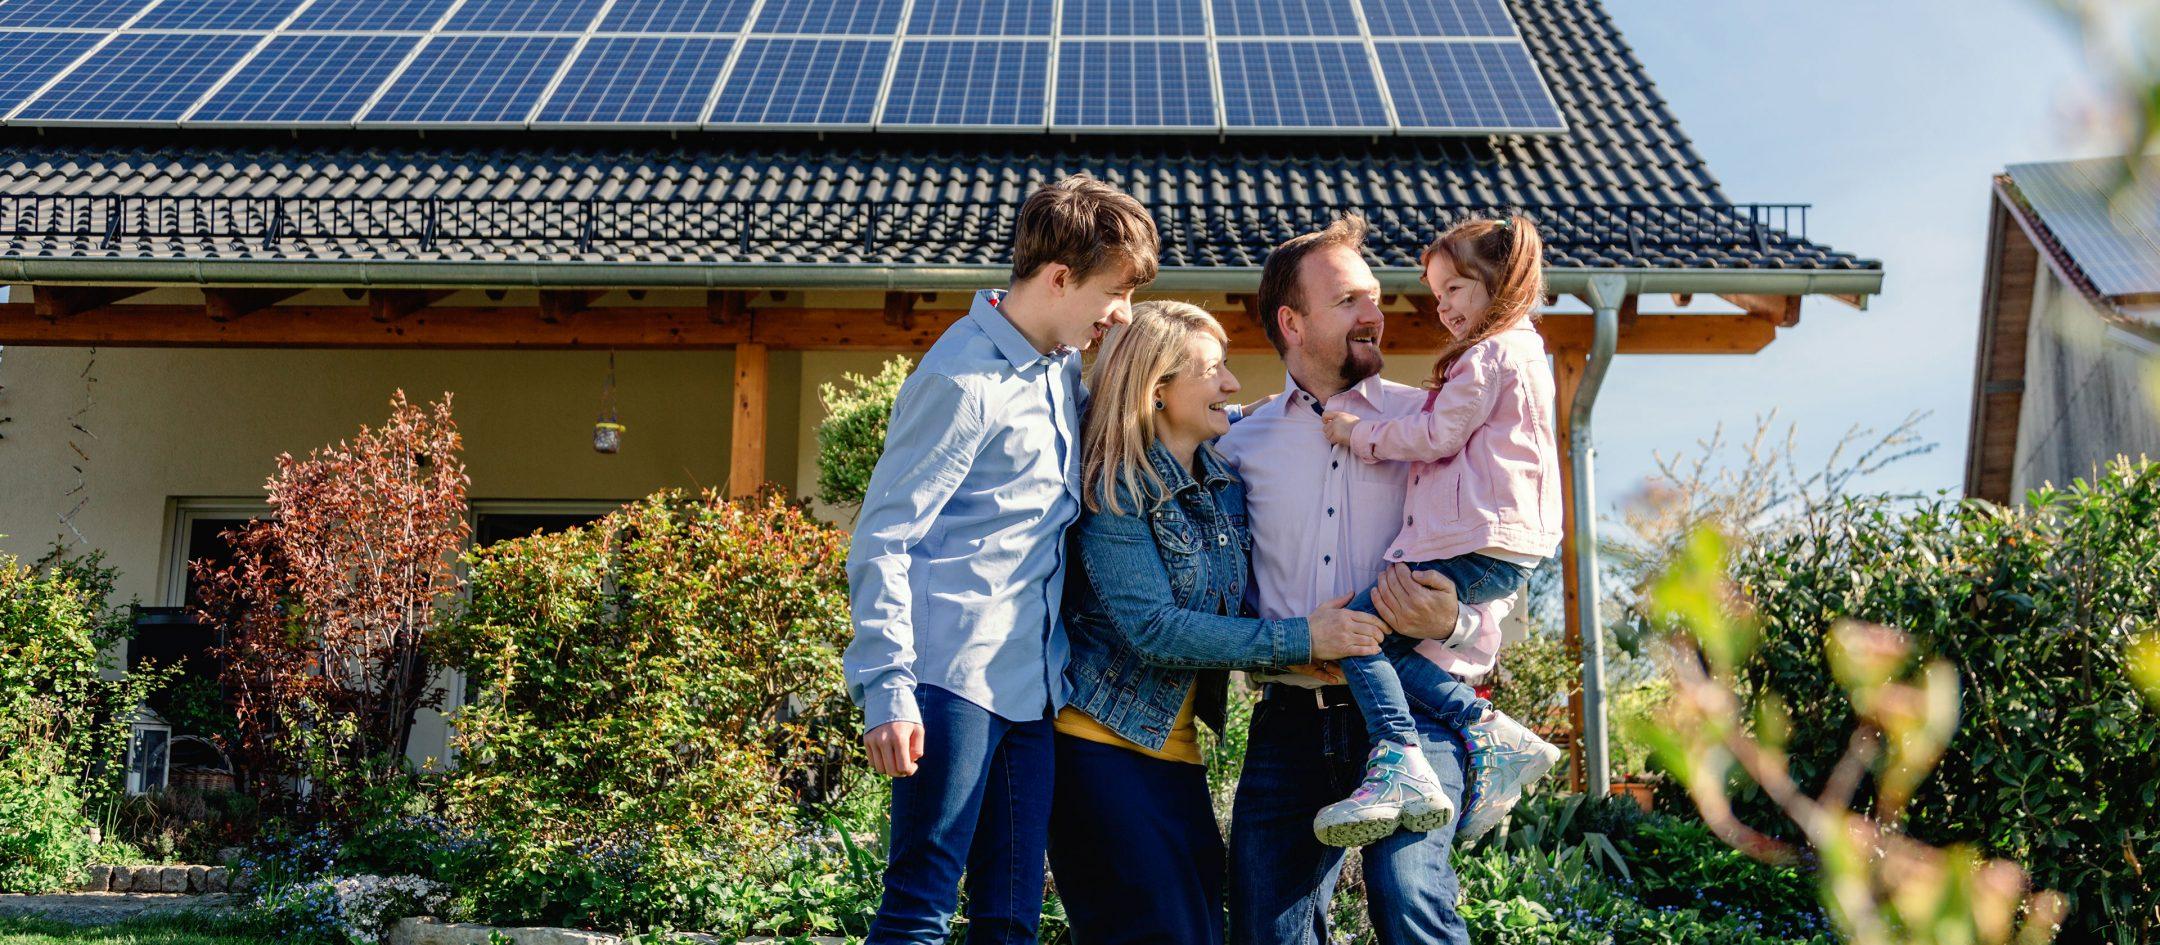 pv-anlage-photovoltaik-imagekampagne-uezw-energie-3840x1730